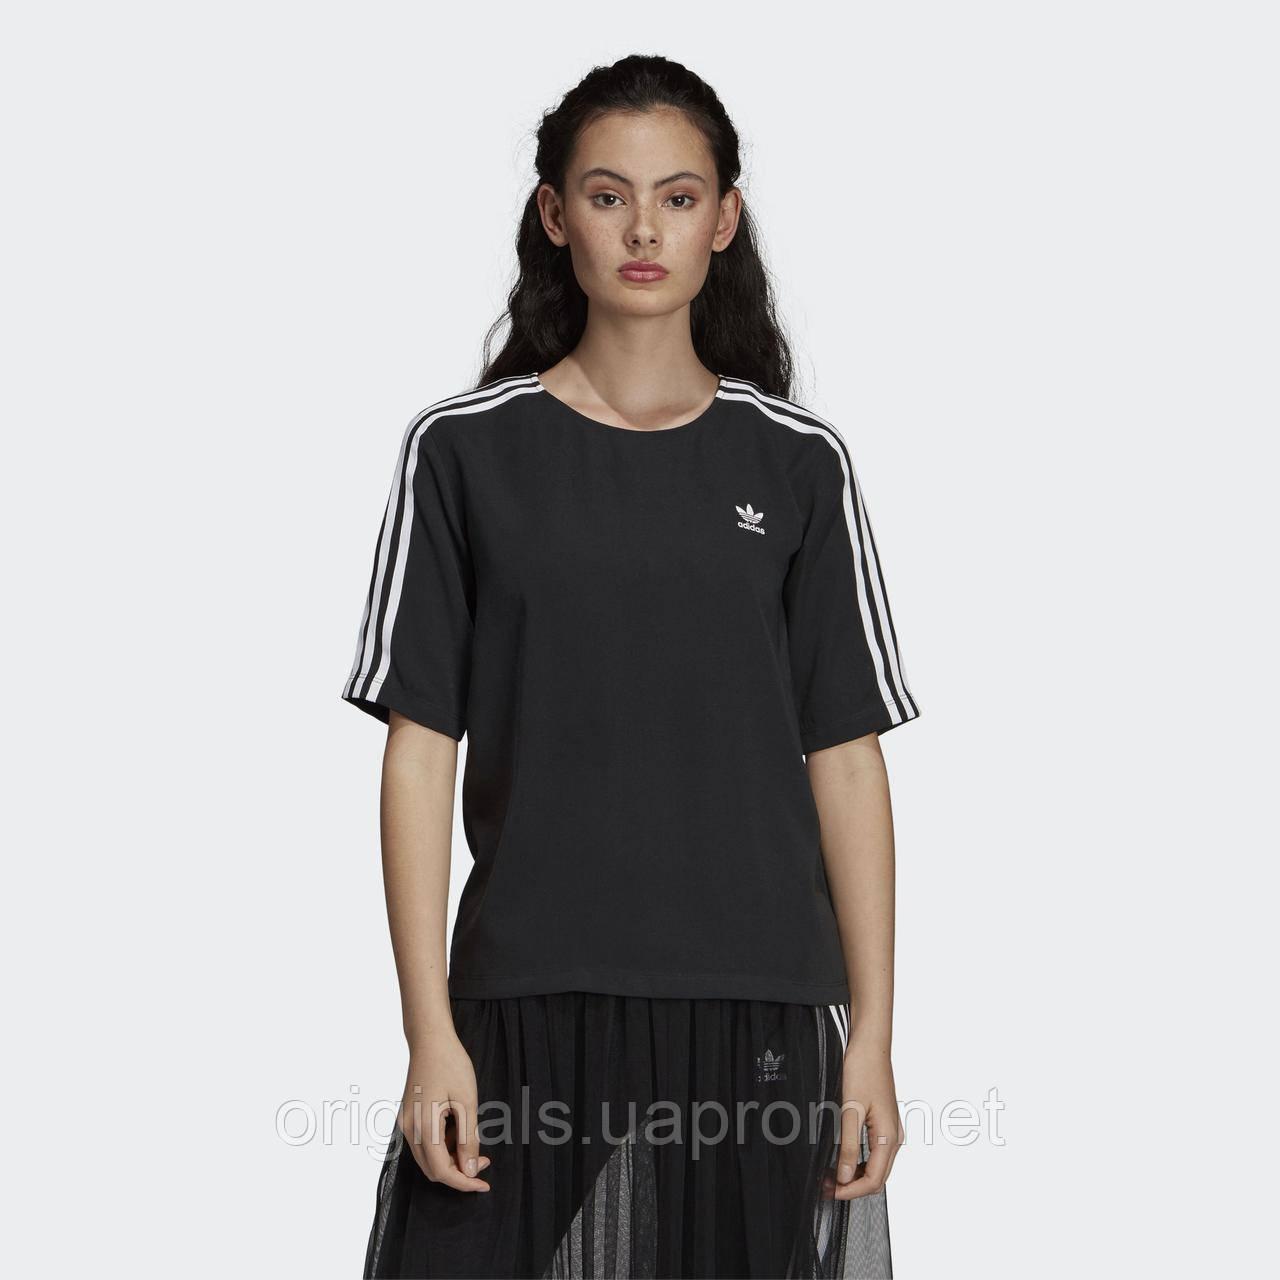 Женская футболка Adidas 3-Stripes DX3695